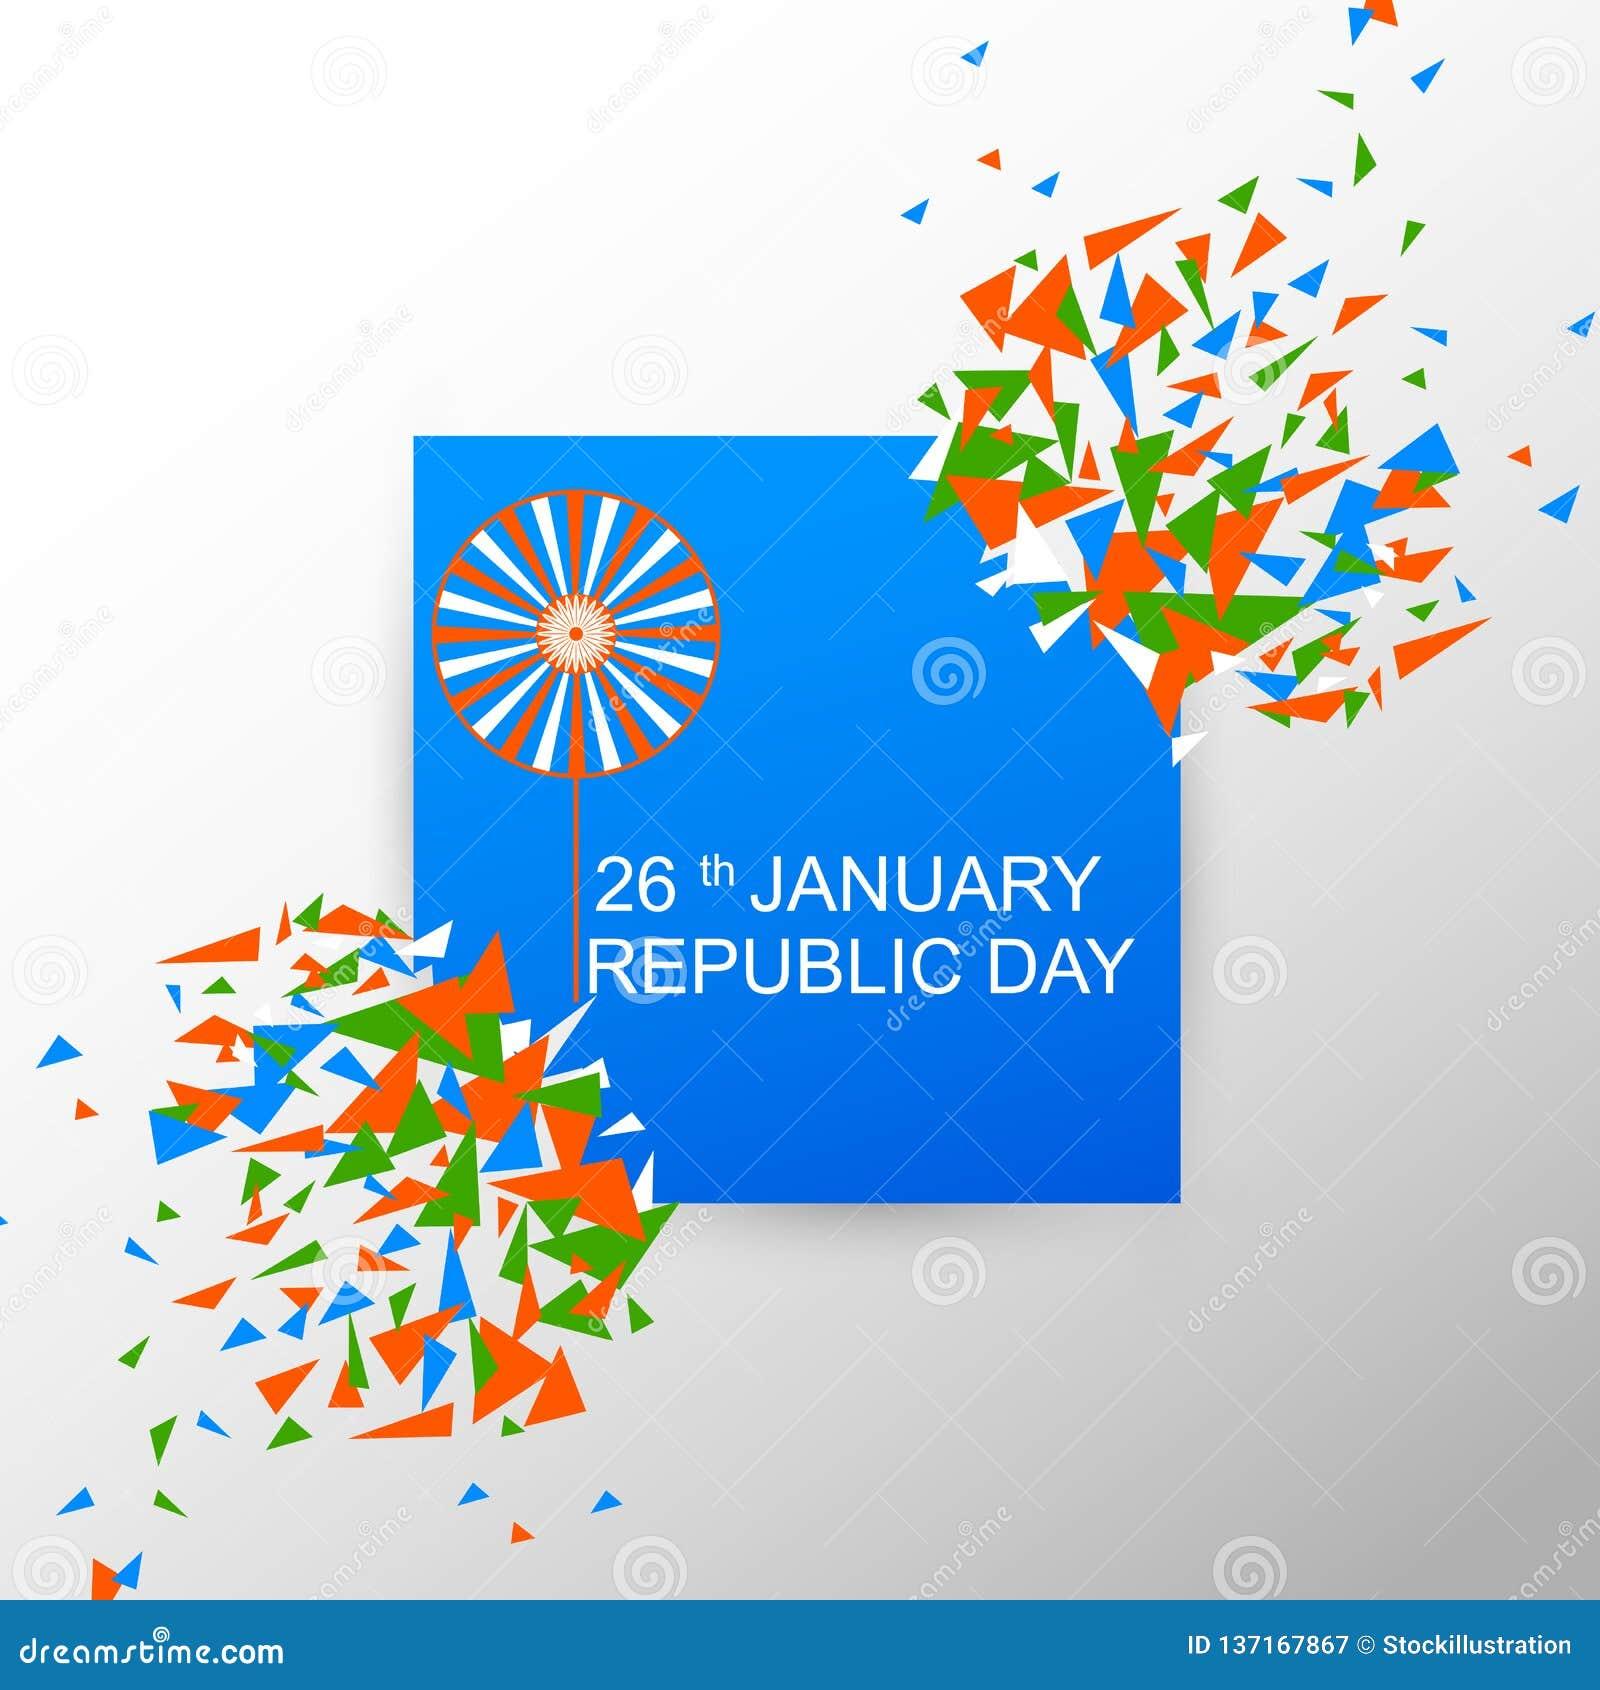 Baner för annonsering för Sale befordran för 26th Januari, lycklig republikdag av Indien